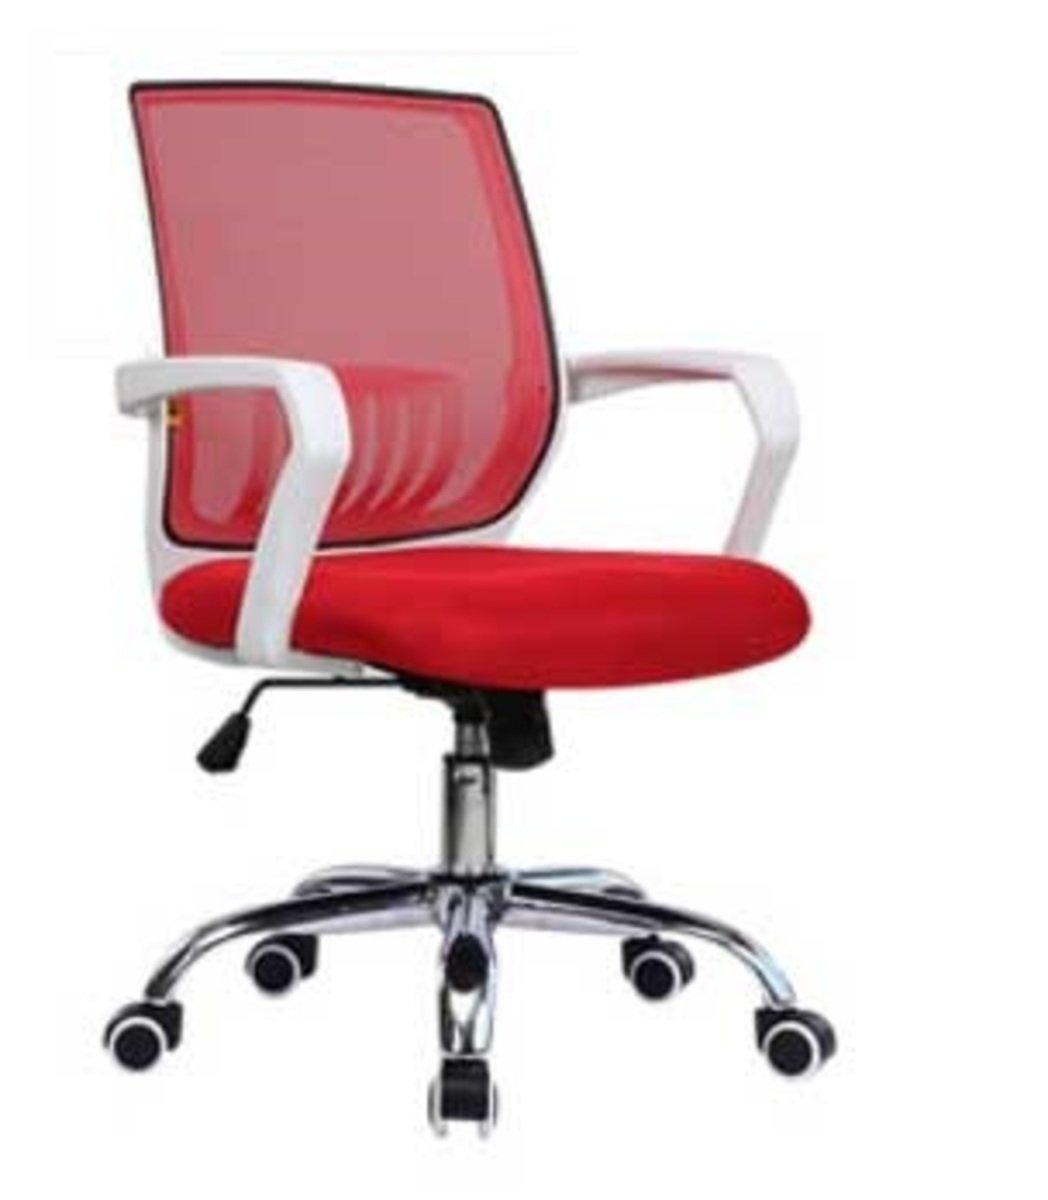 人體工學辦公椅-白框(大紅色)